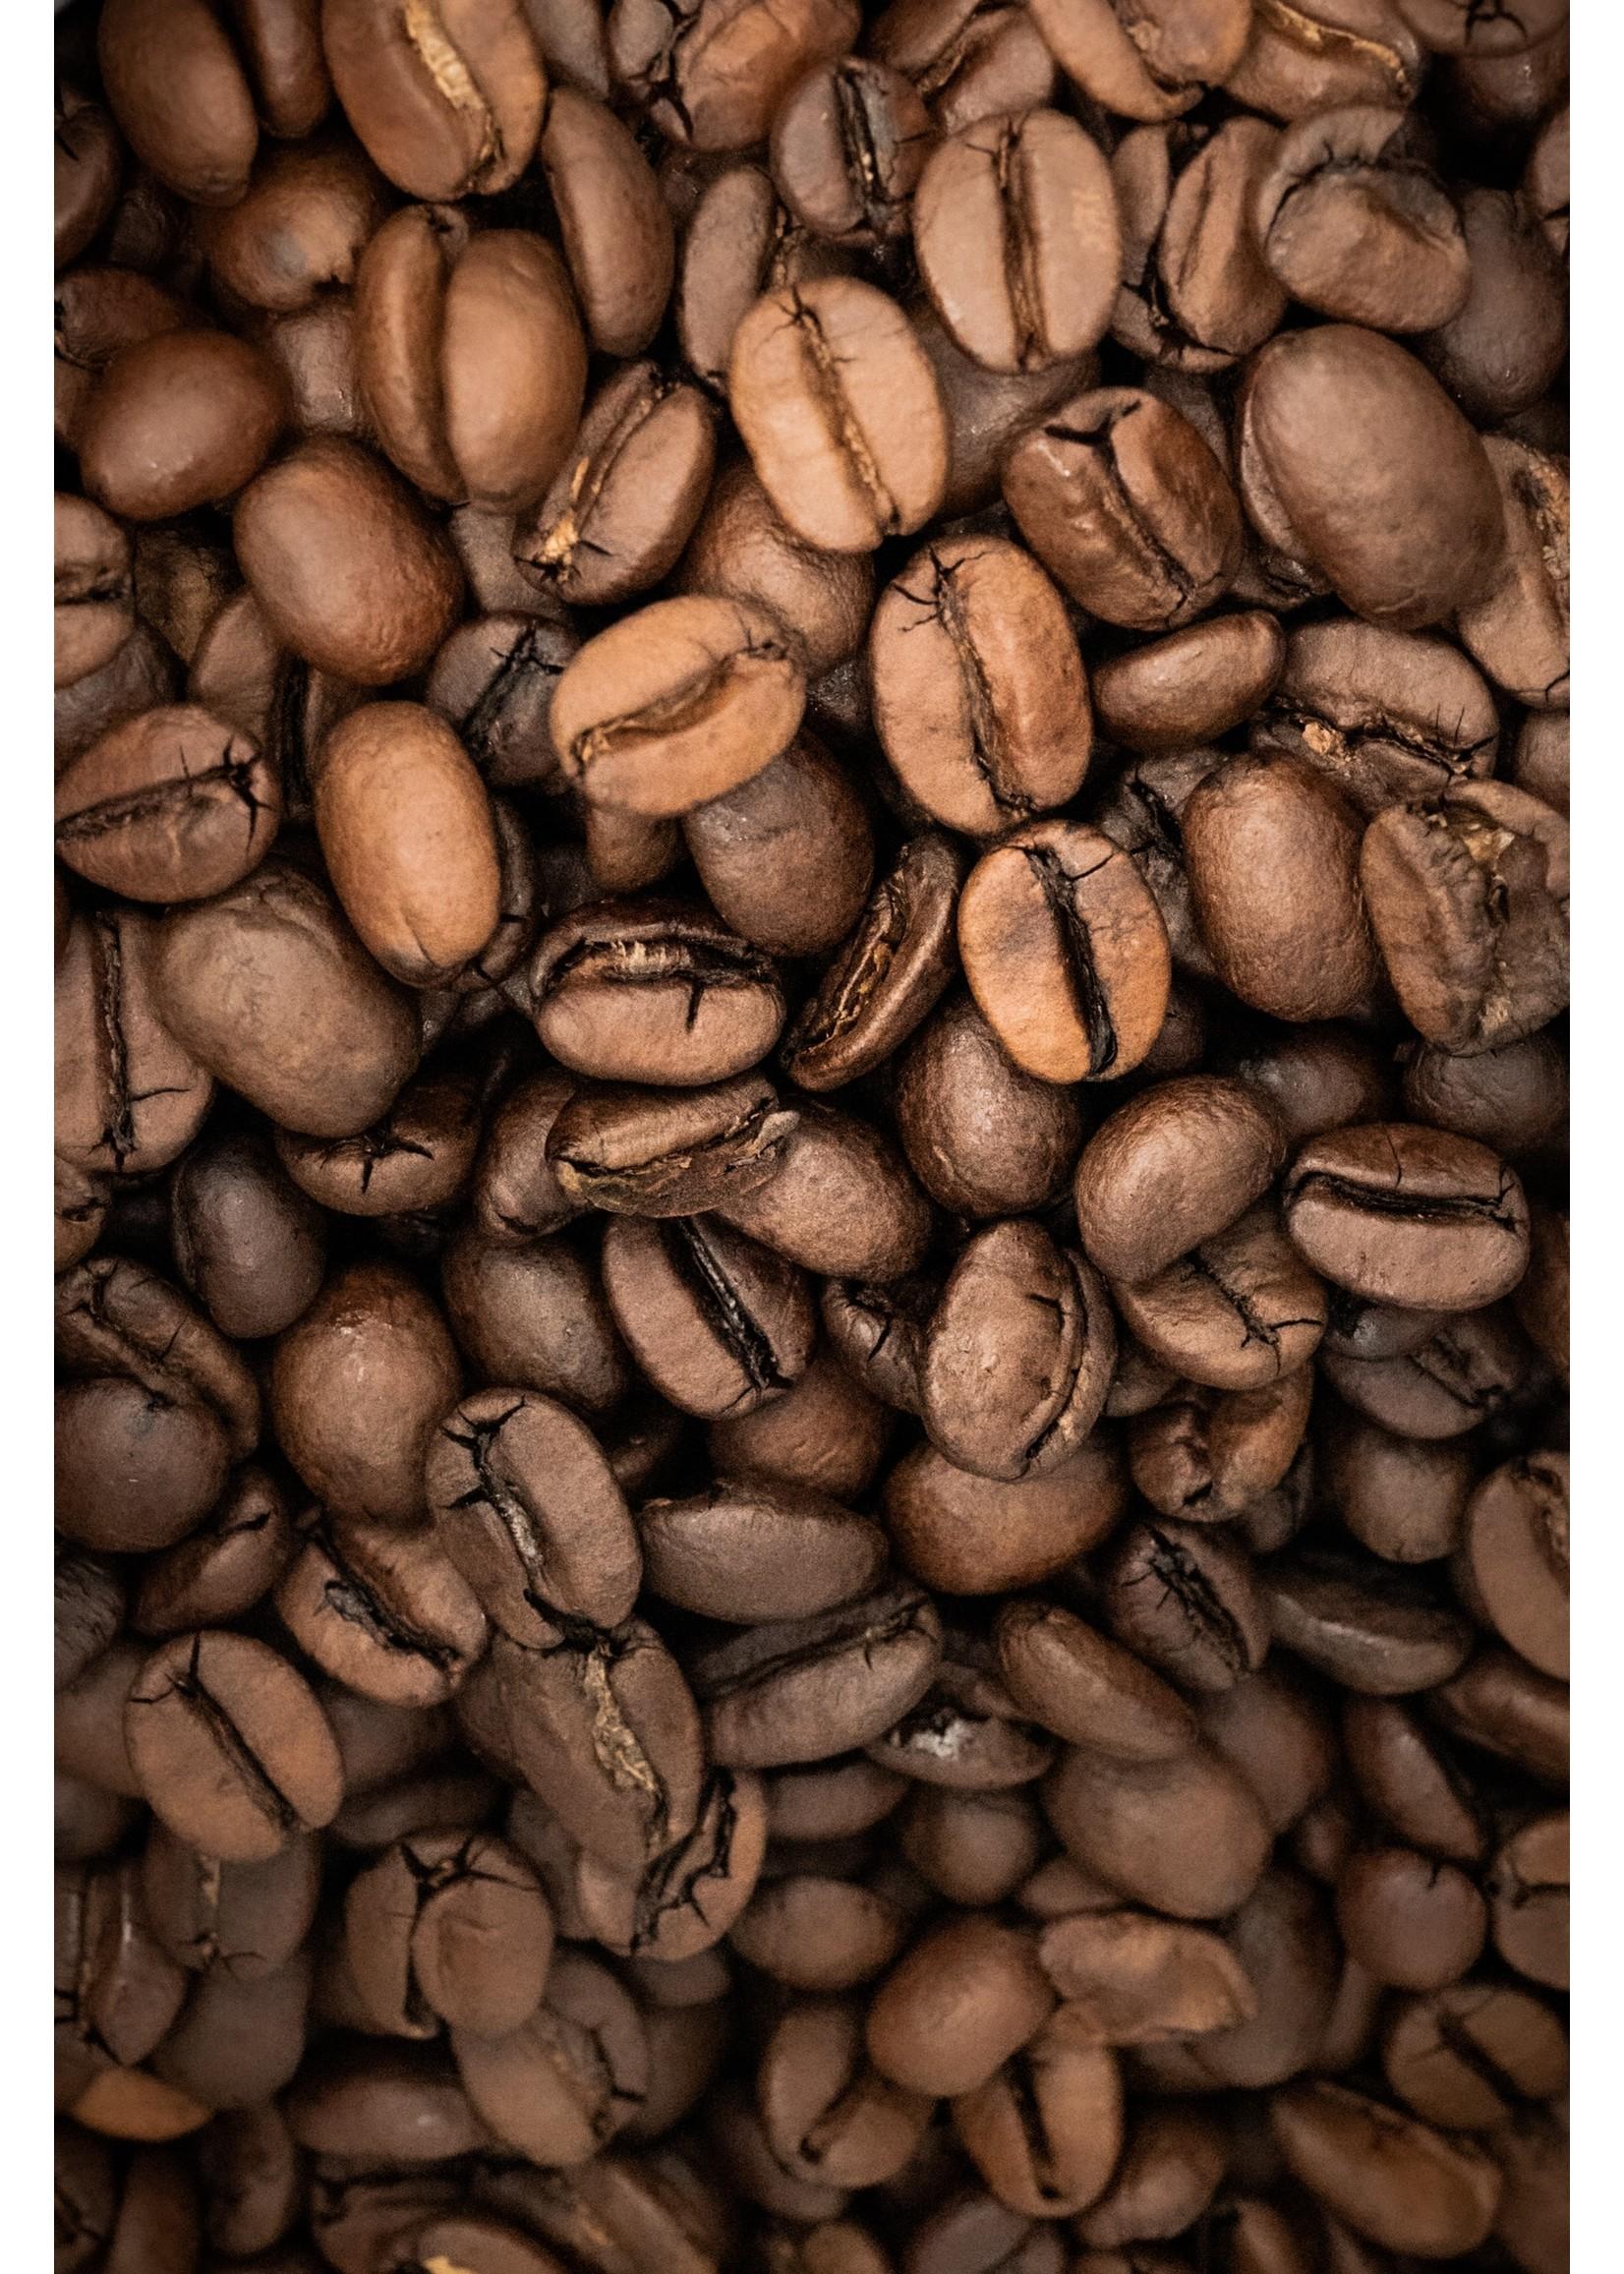 De KoffieMeulen Costa Rica Tarazzu Libertad